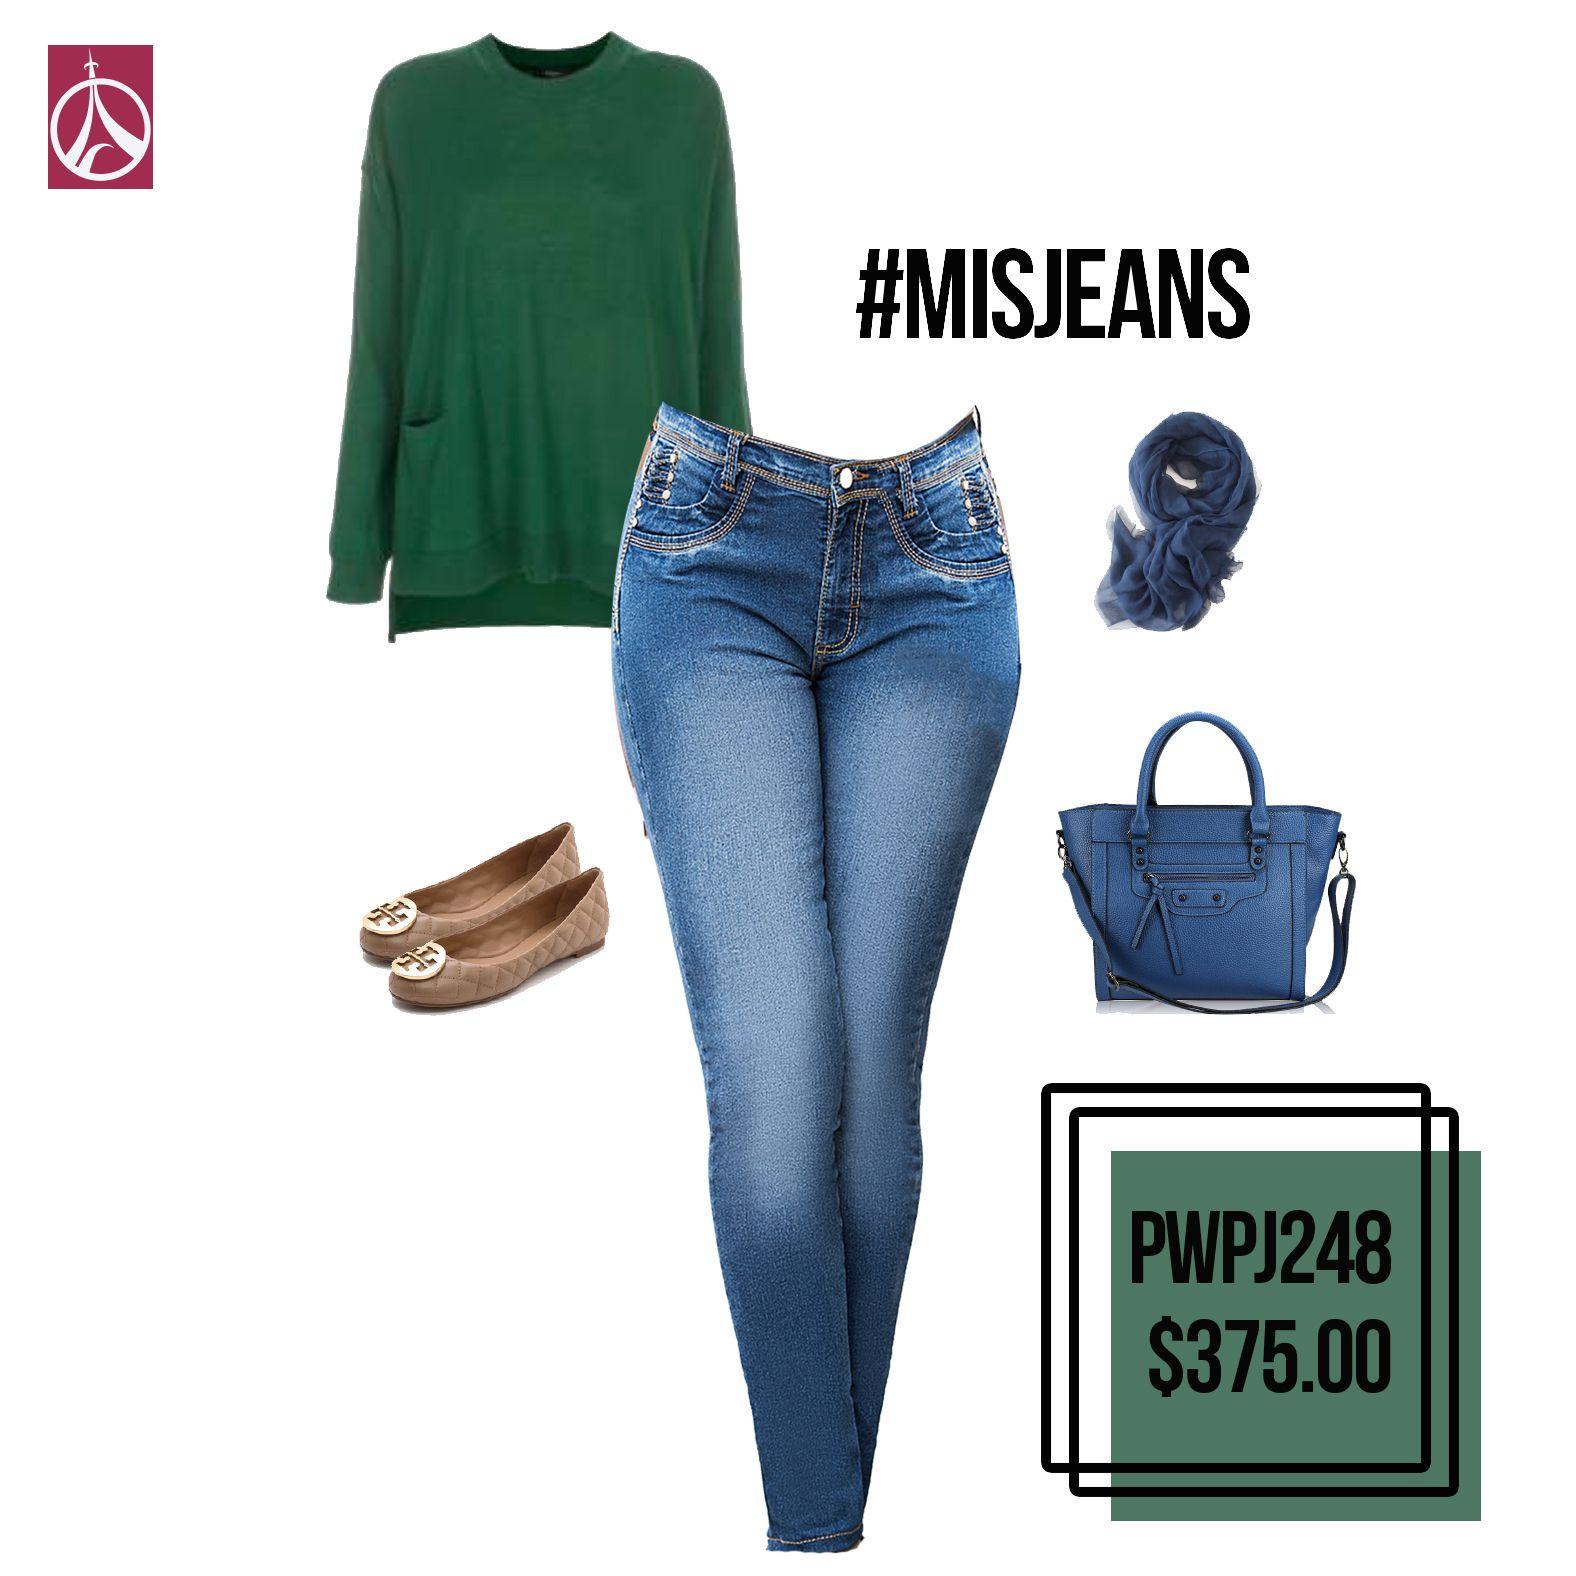 ¿Quién dijo yo? #ChicaFashion #ParisJeans  www.paris-jeans.com